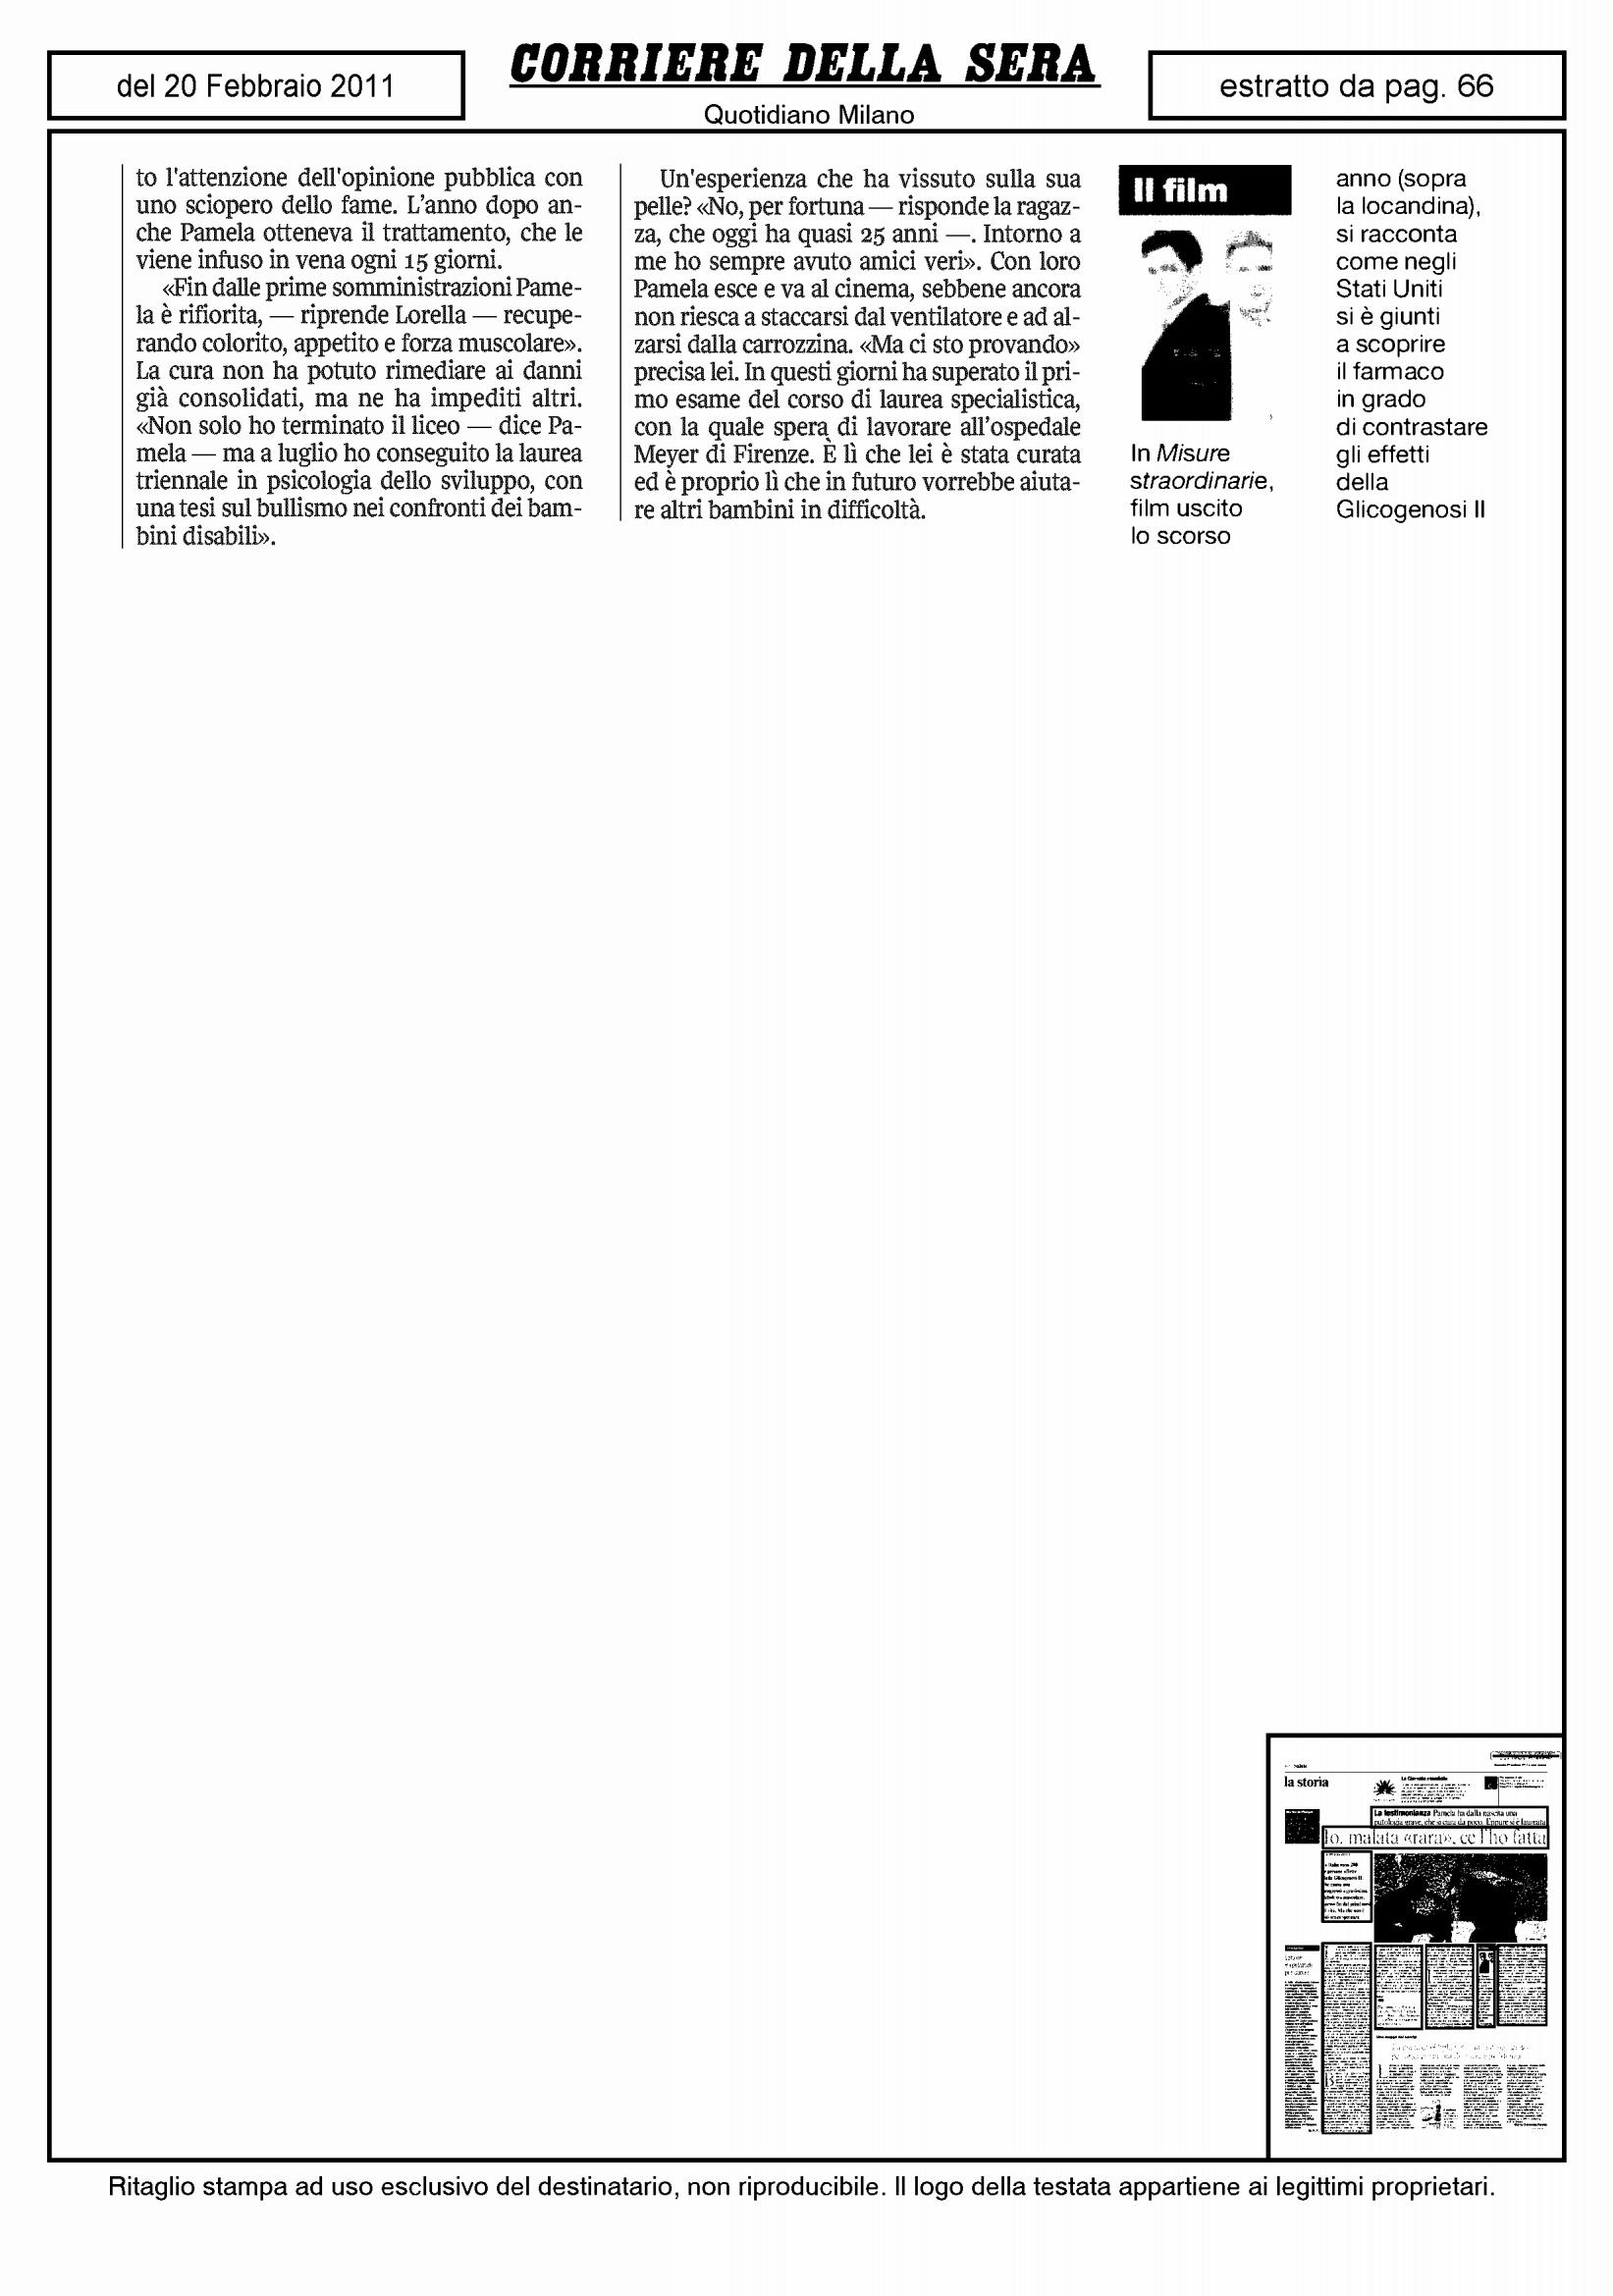 Stampa_20110220_Corriere_della Sera_Page_2